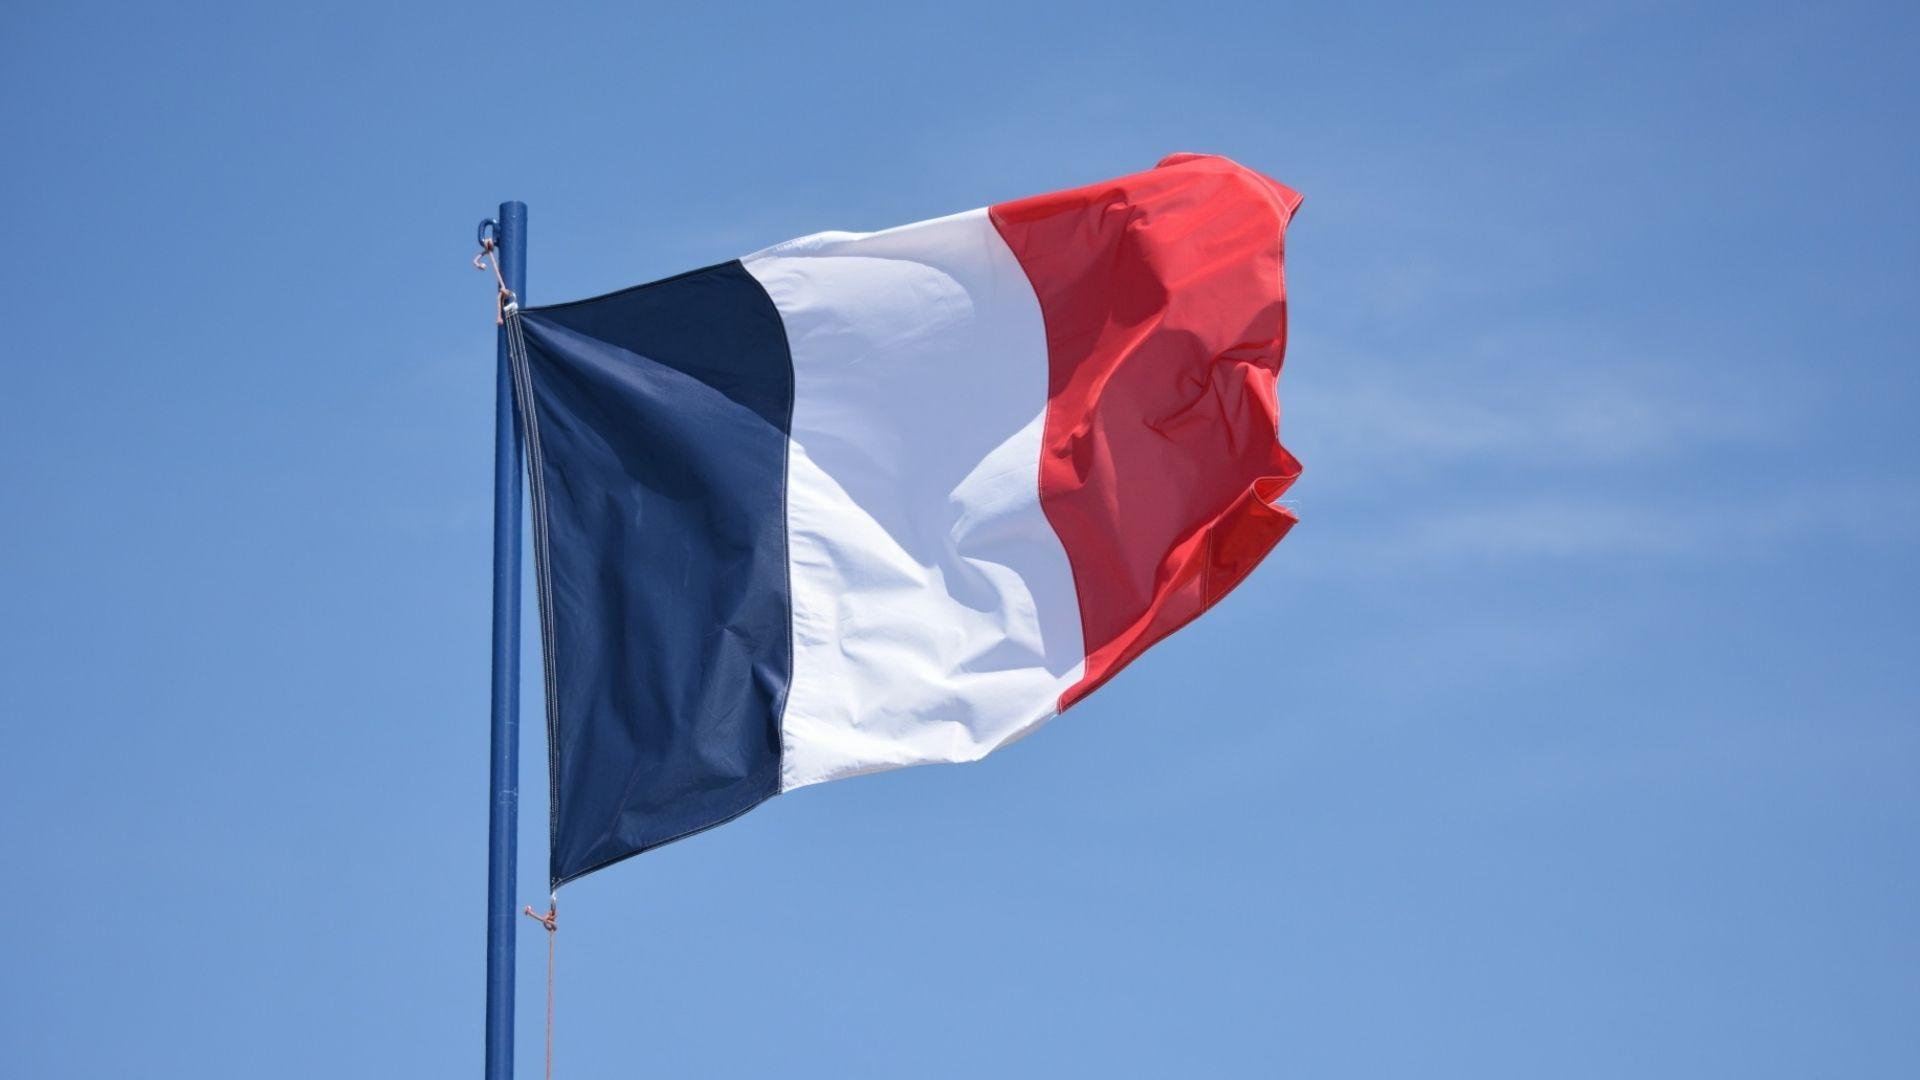 Trasporti Internazionali Francia Aggiornamento regole COVID 19 Nuove regole per ingresso nel Paese dal Regno Unito